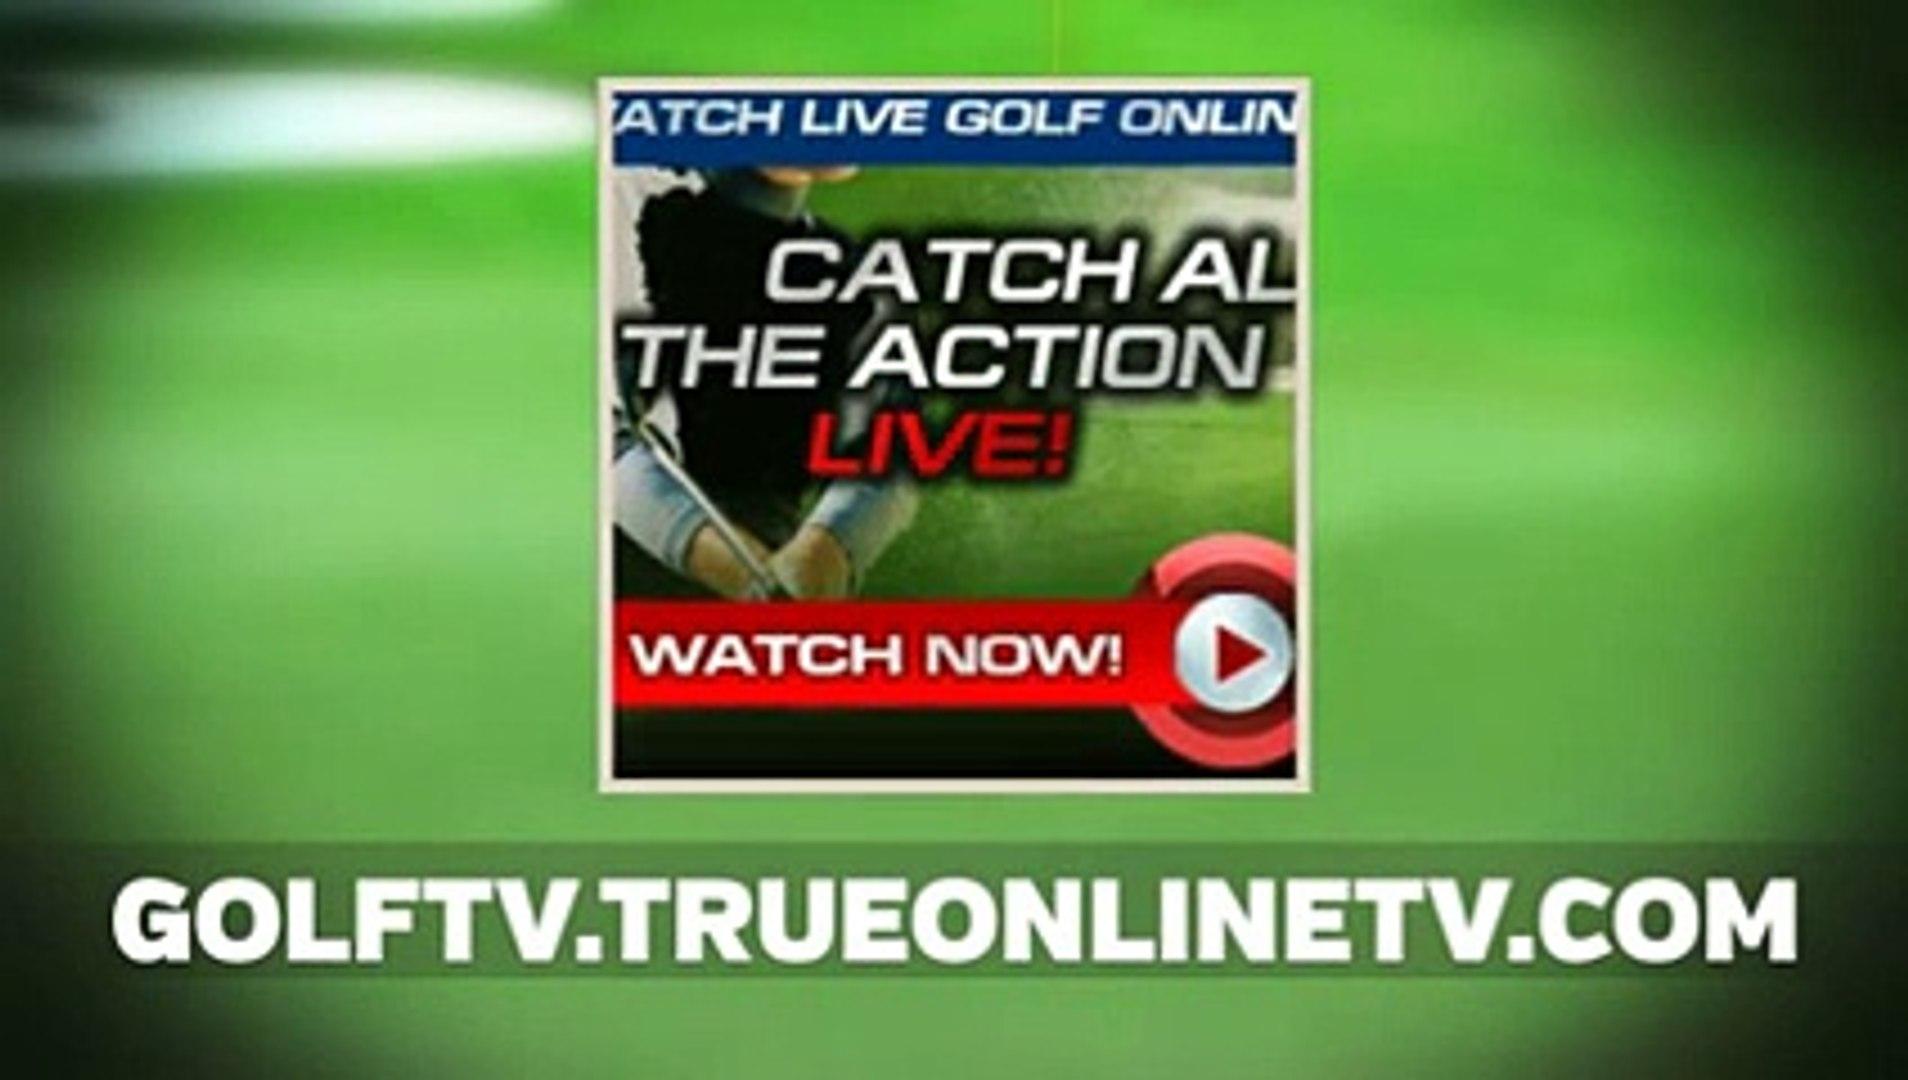 watch Highlights at pga championship - at&t pro am Highlights - at and t pro am Highlights